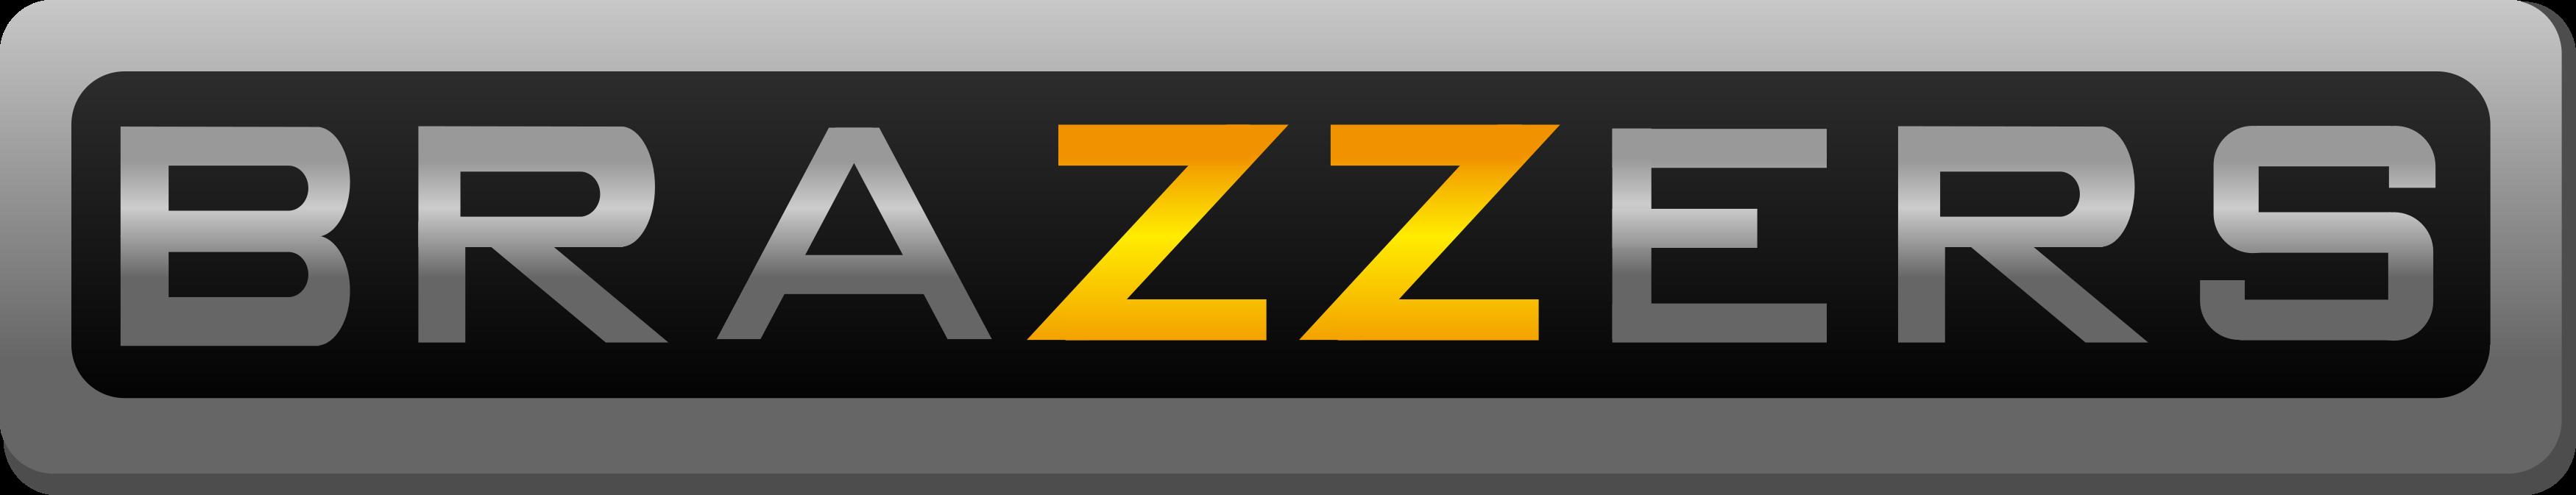 brazzers logo 1 - Brazzers Logo